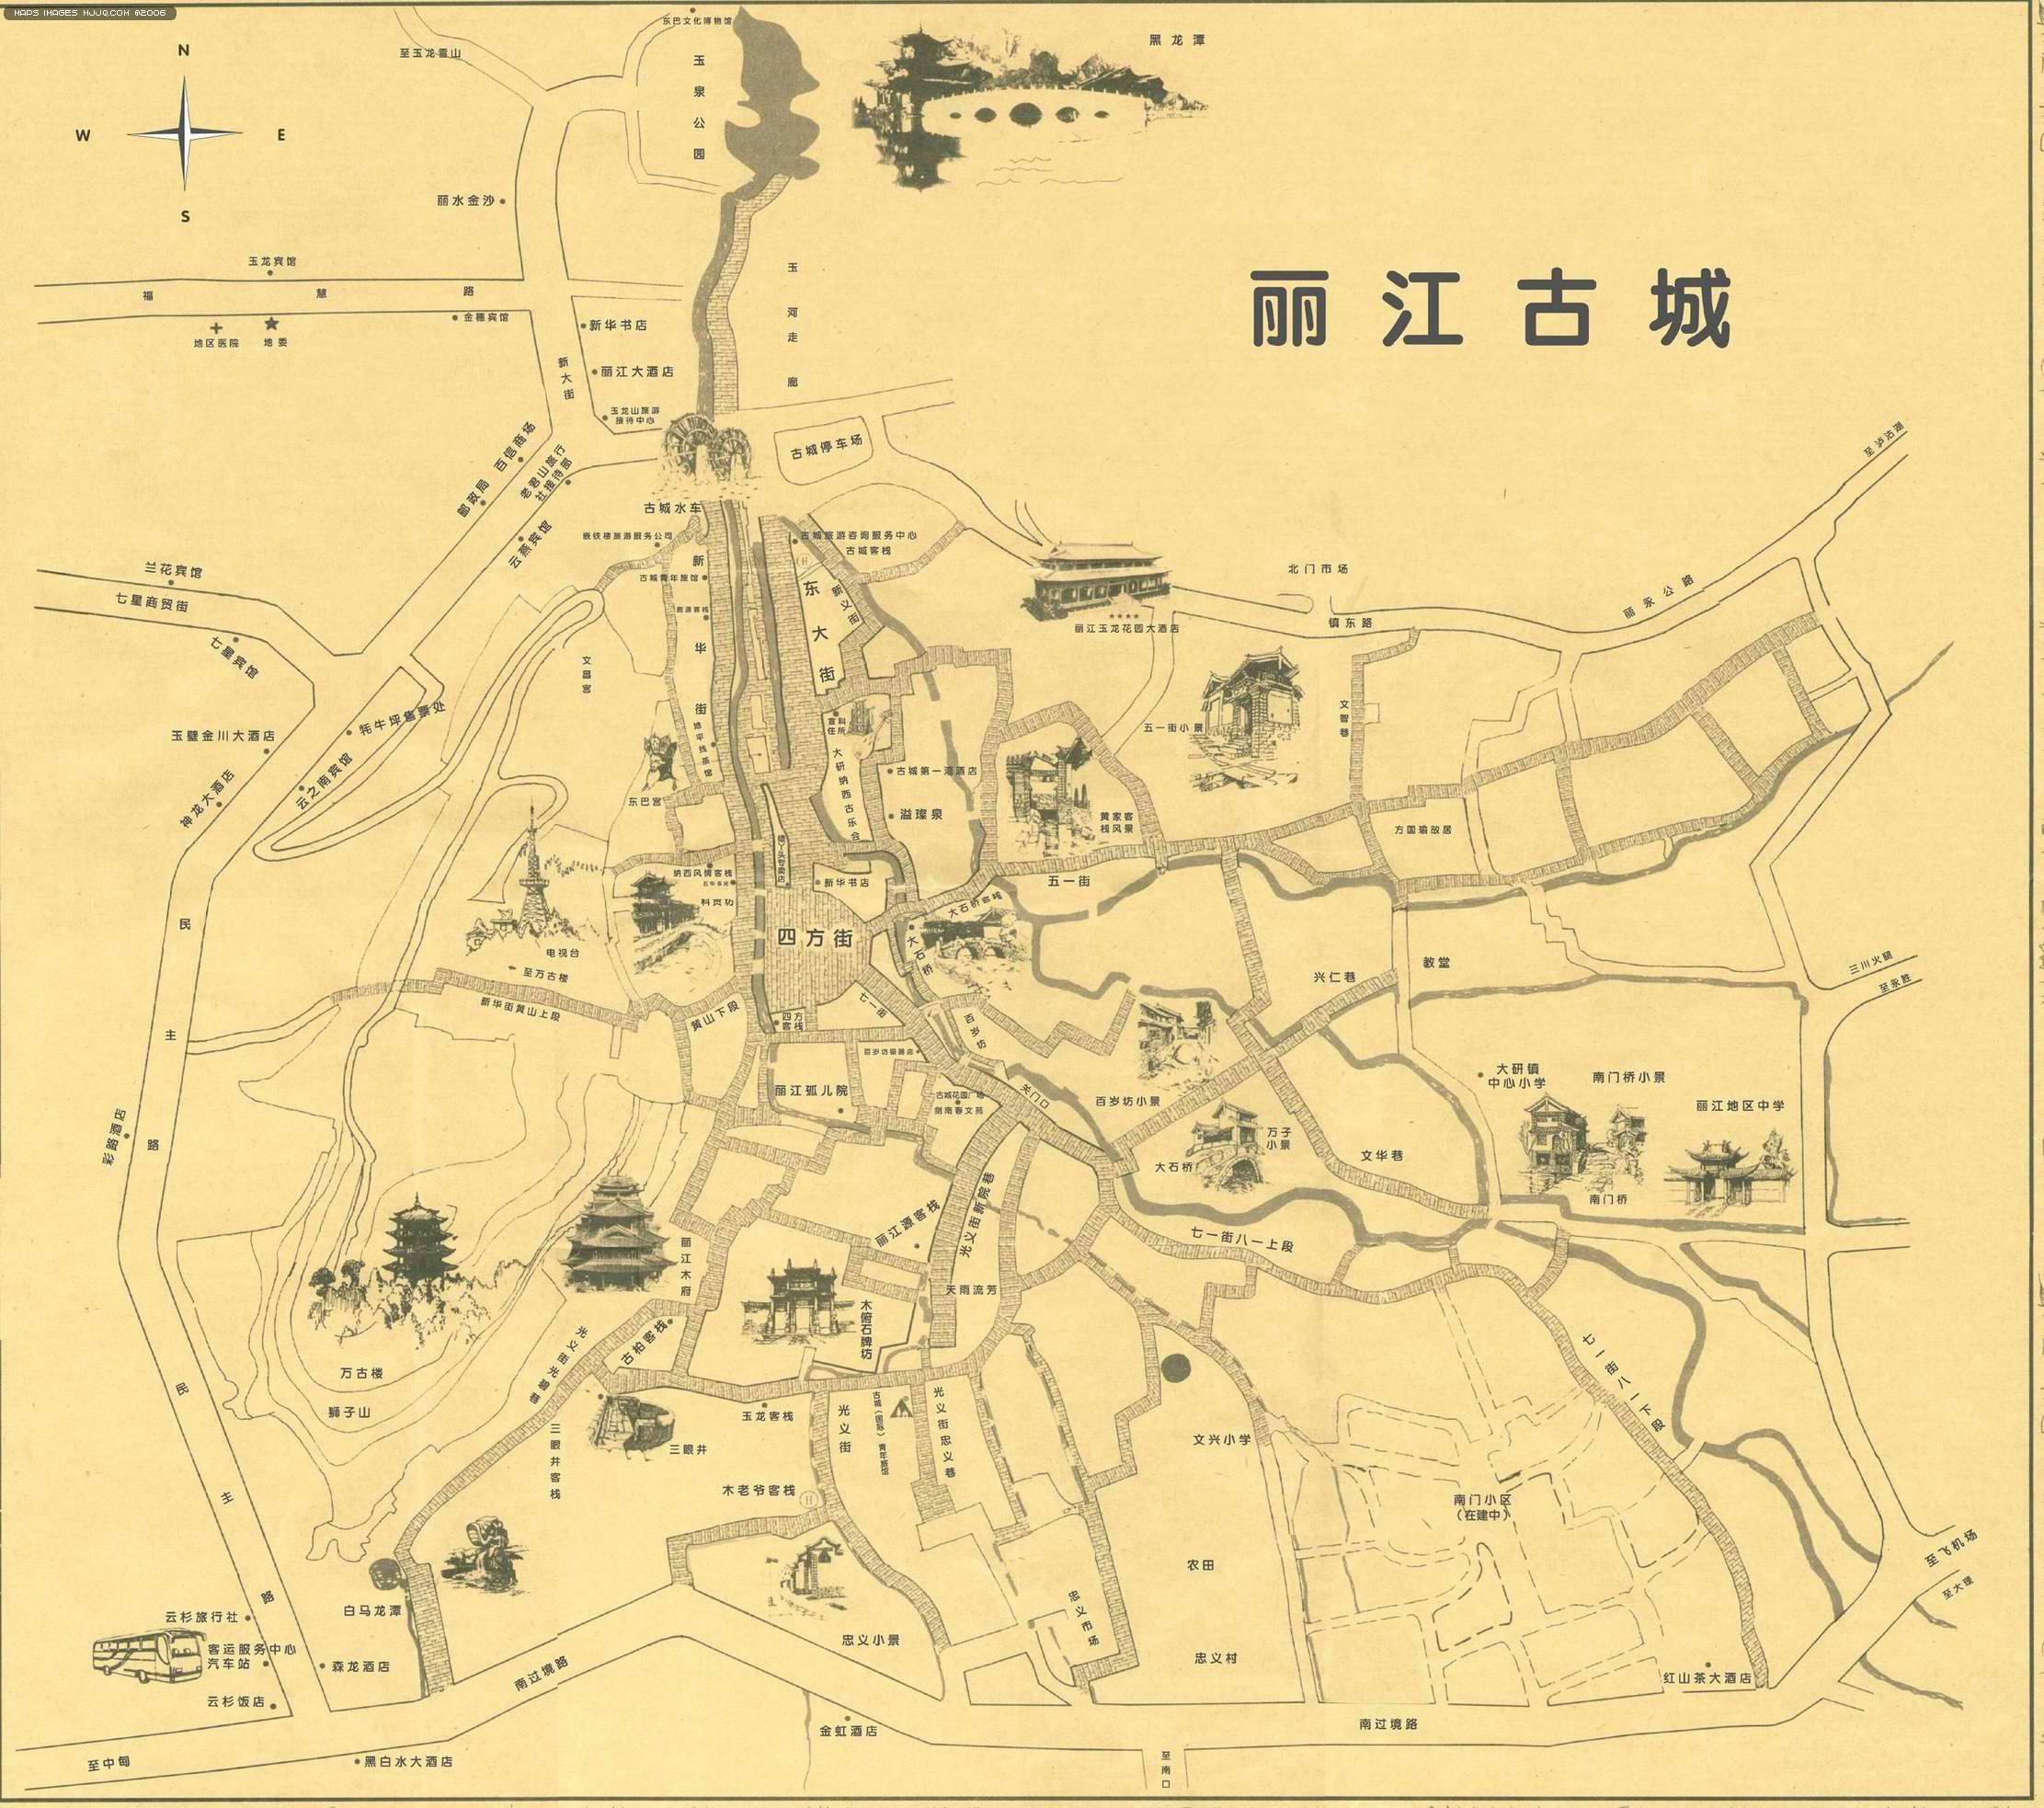 麗江古城 - 雲南旅遊地圖 中國地圖 - 美景旅遊網